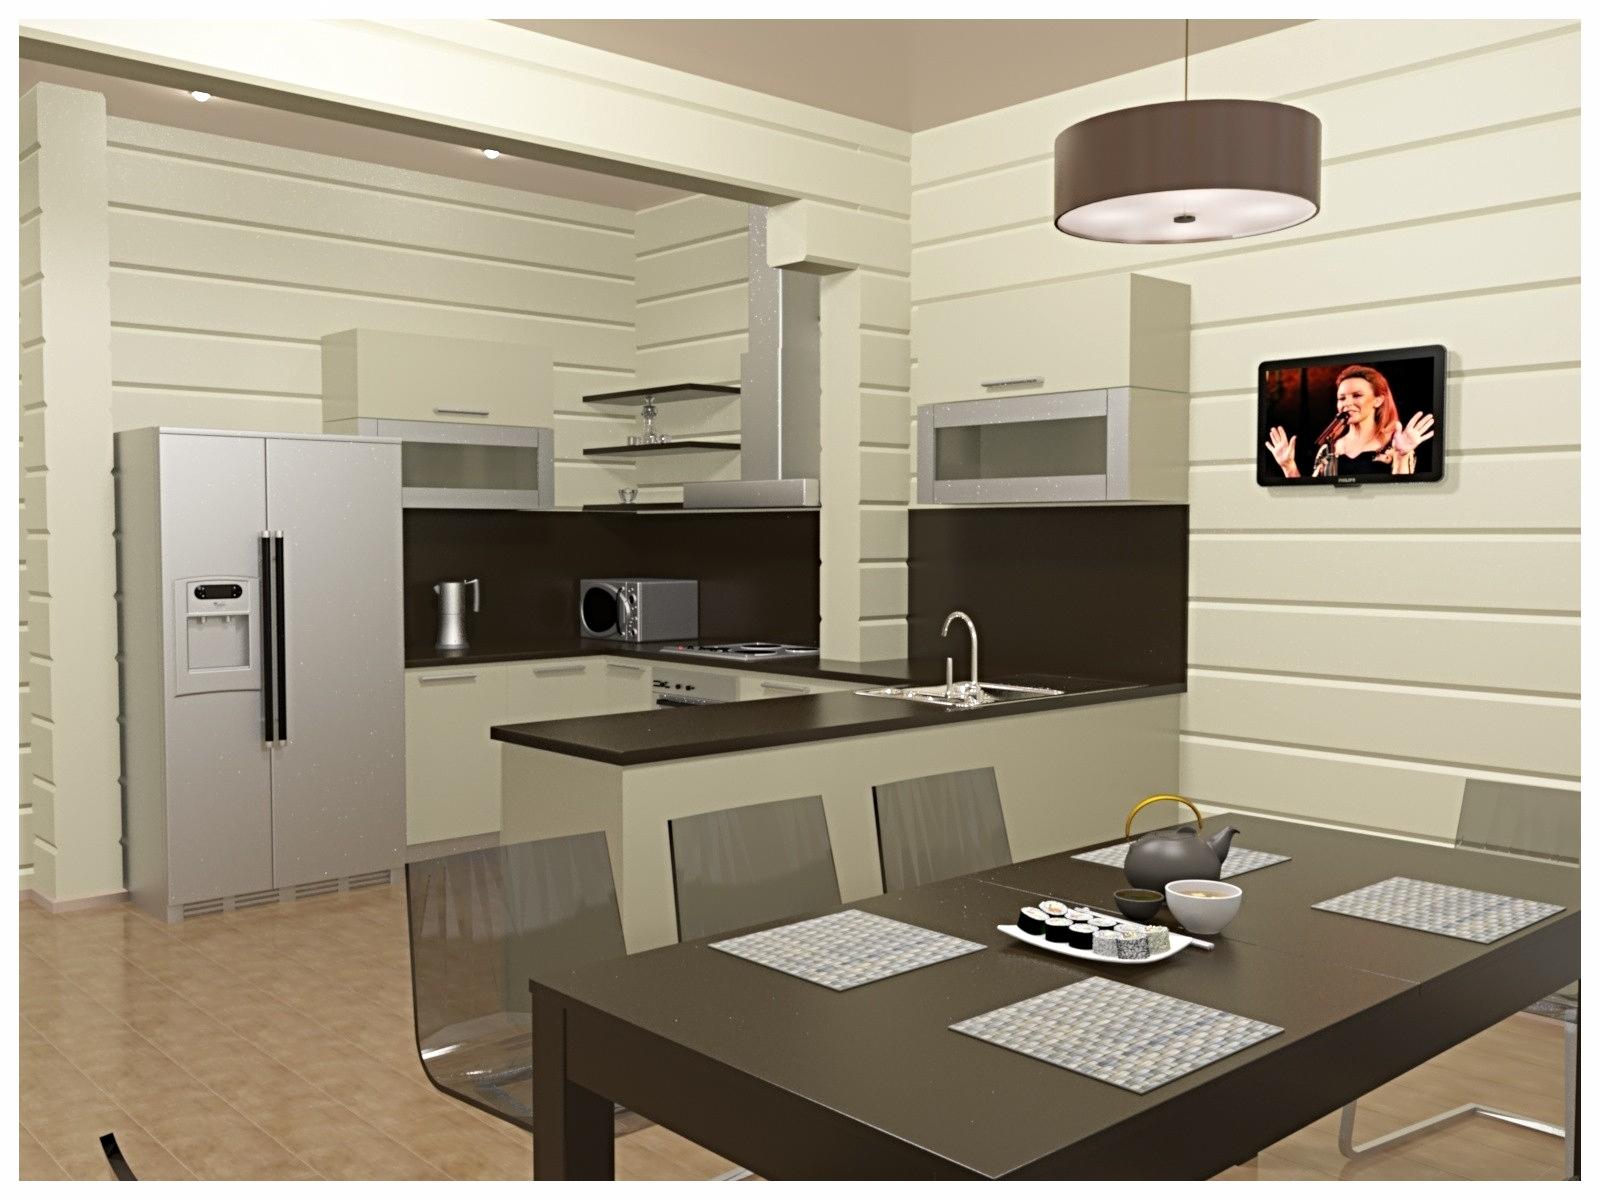 Дизайн интерьеров в коттедже из бруса. Кухня по договору на дизайн проект.